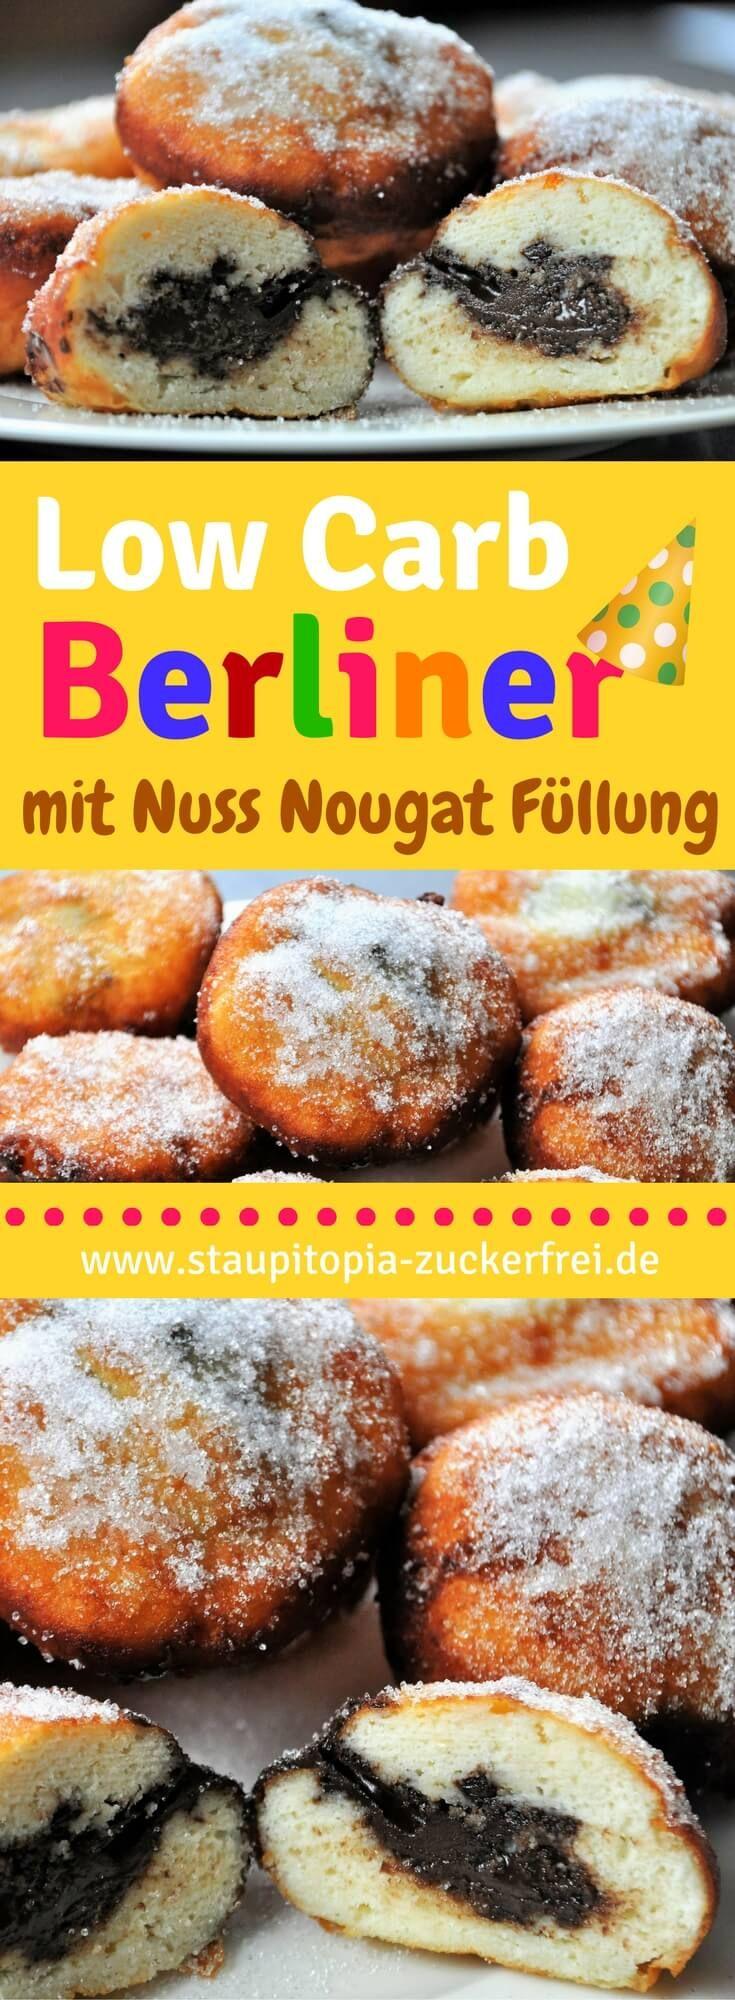 Für mich heißen sie Low Carb Berliner! Mal sind es aber auch Kreppel, berliner Pfannkuchen oder Krapfen. Wie auch immer! Dieses Rezept für Low Carb Berliner ist genial und perfekt geeignet, wenn du auch zu Karneval bzw. Fasching oder Silvester ohne Kohlenhydrate und ohne Zucker schlemmen möchtest. #berliner #lowcarb #krapfen #karneval #fasching #silvester #lowcarbbacken #lowcarbrezepte #staupitopia